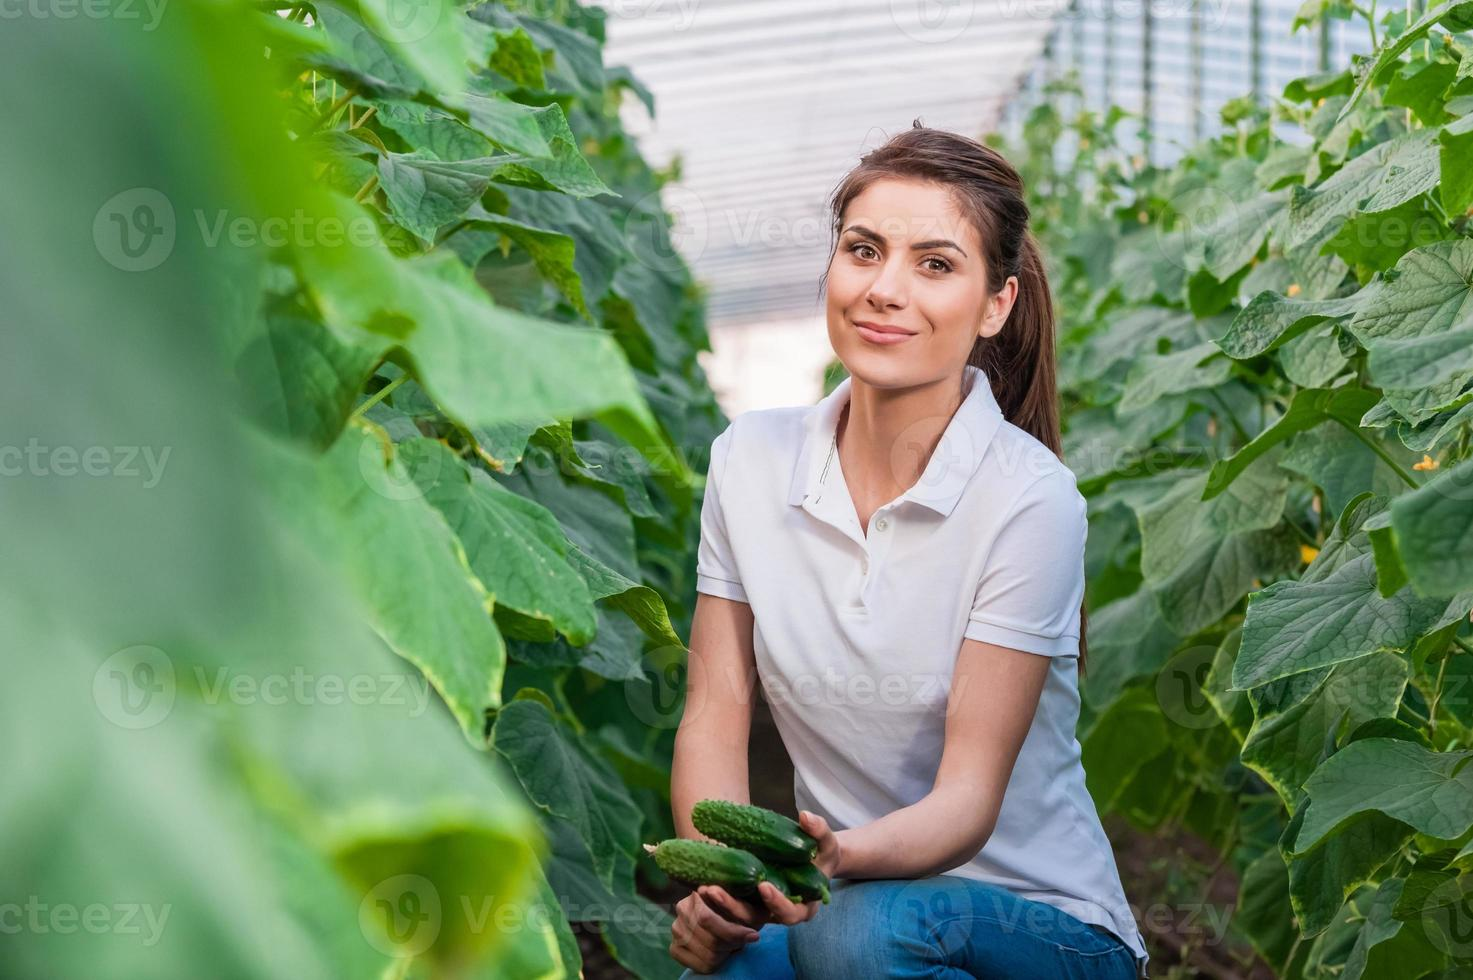 Porträt der jungen Landarbeiterin foto